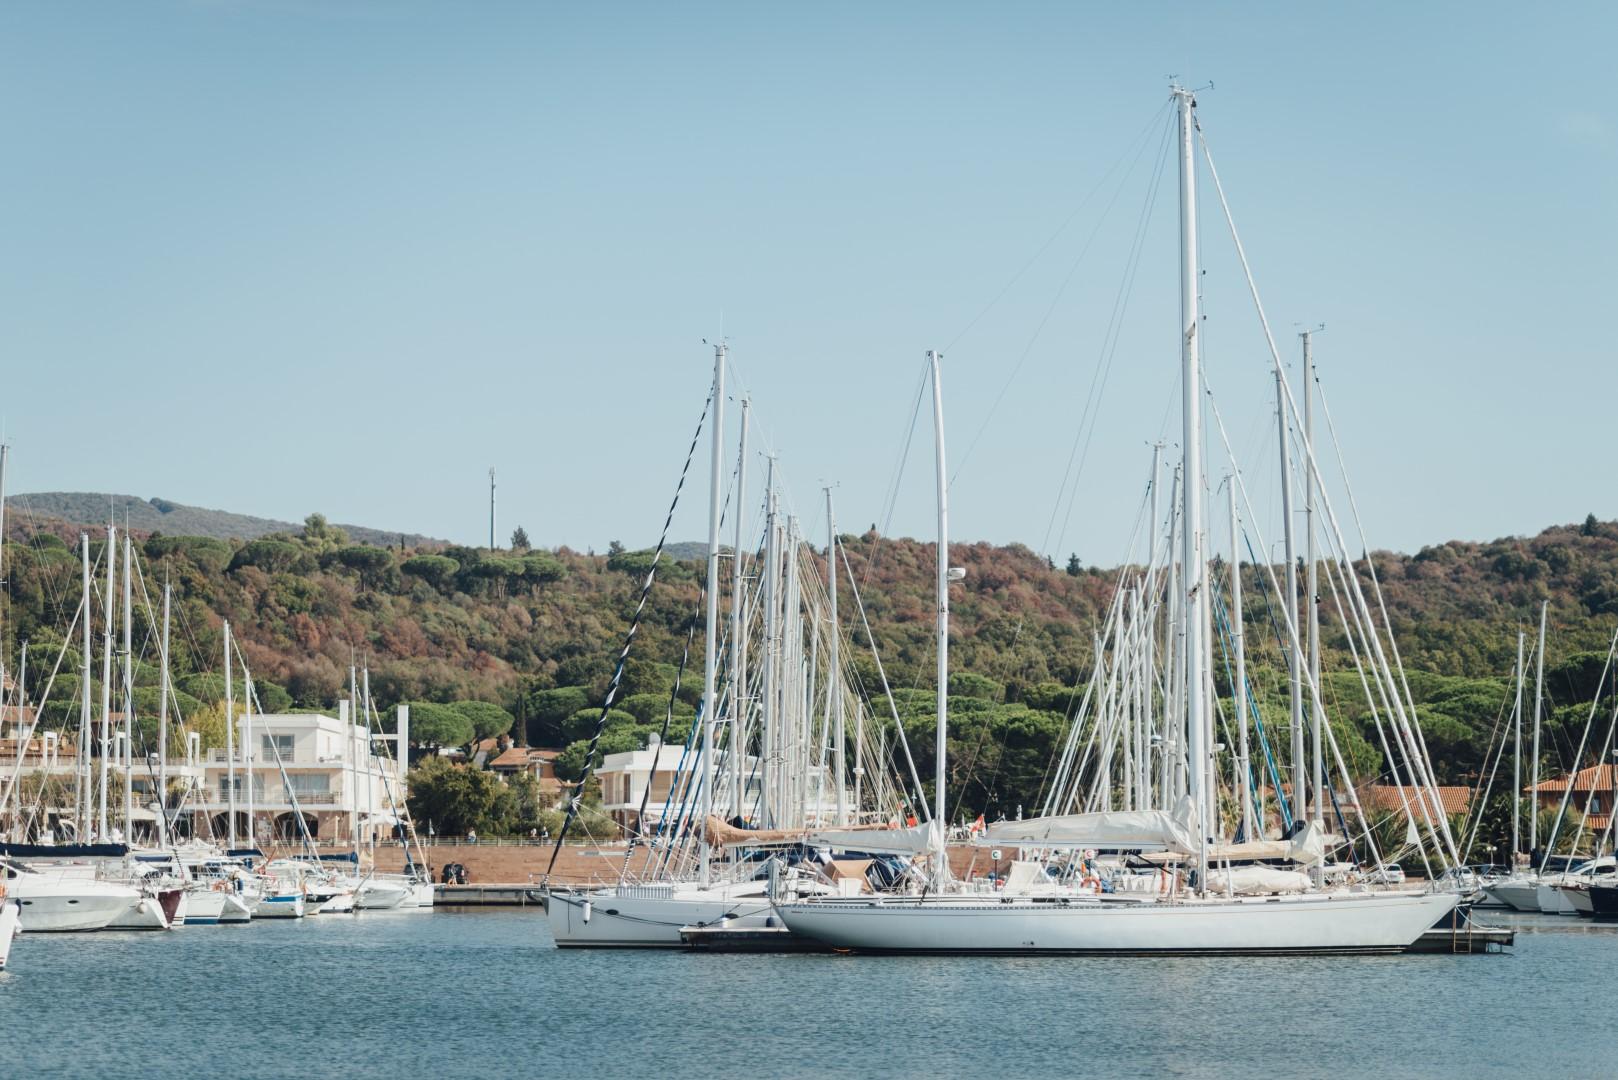 italy-tuscany-marina-di-scarlino-sailing-charter-yacht-boat-skipper-license